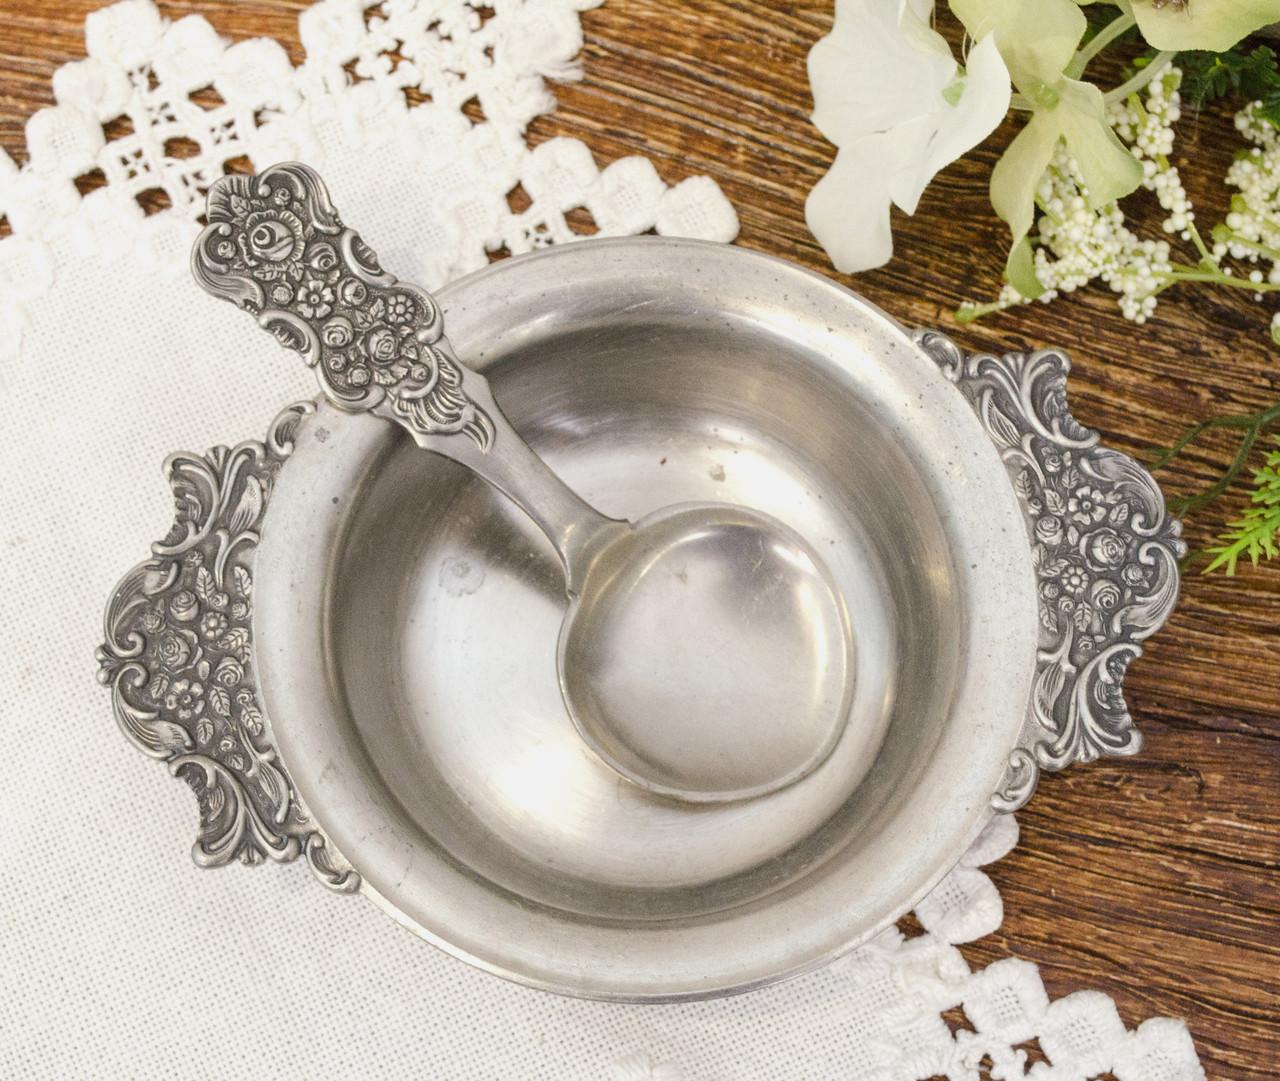 Коллекционная оловянная сахарница с ложкой, пищевое олово, Германия, винтаж